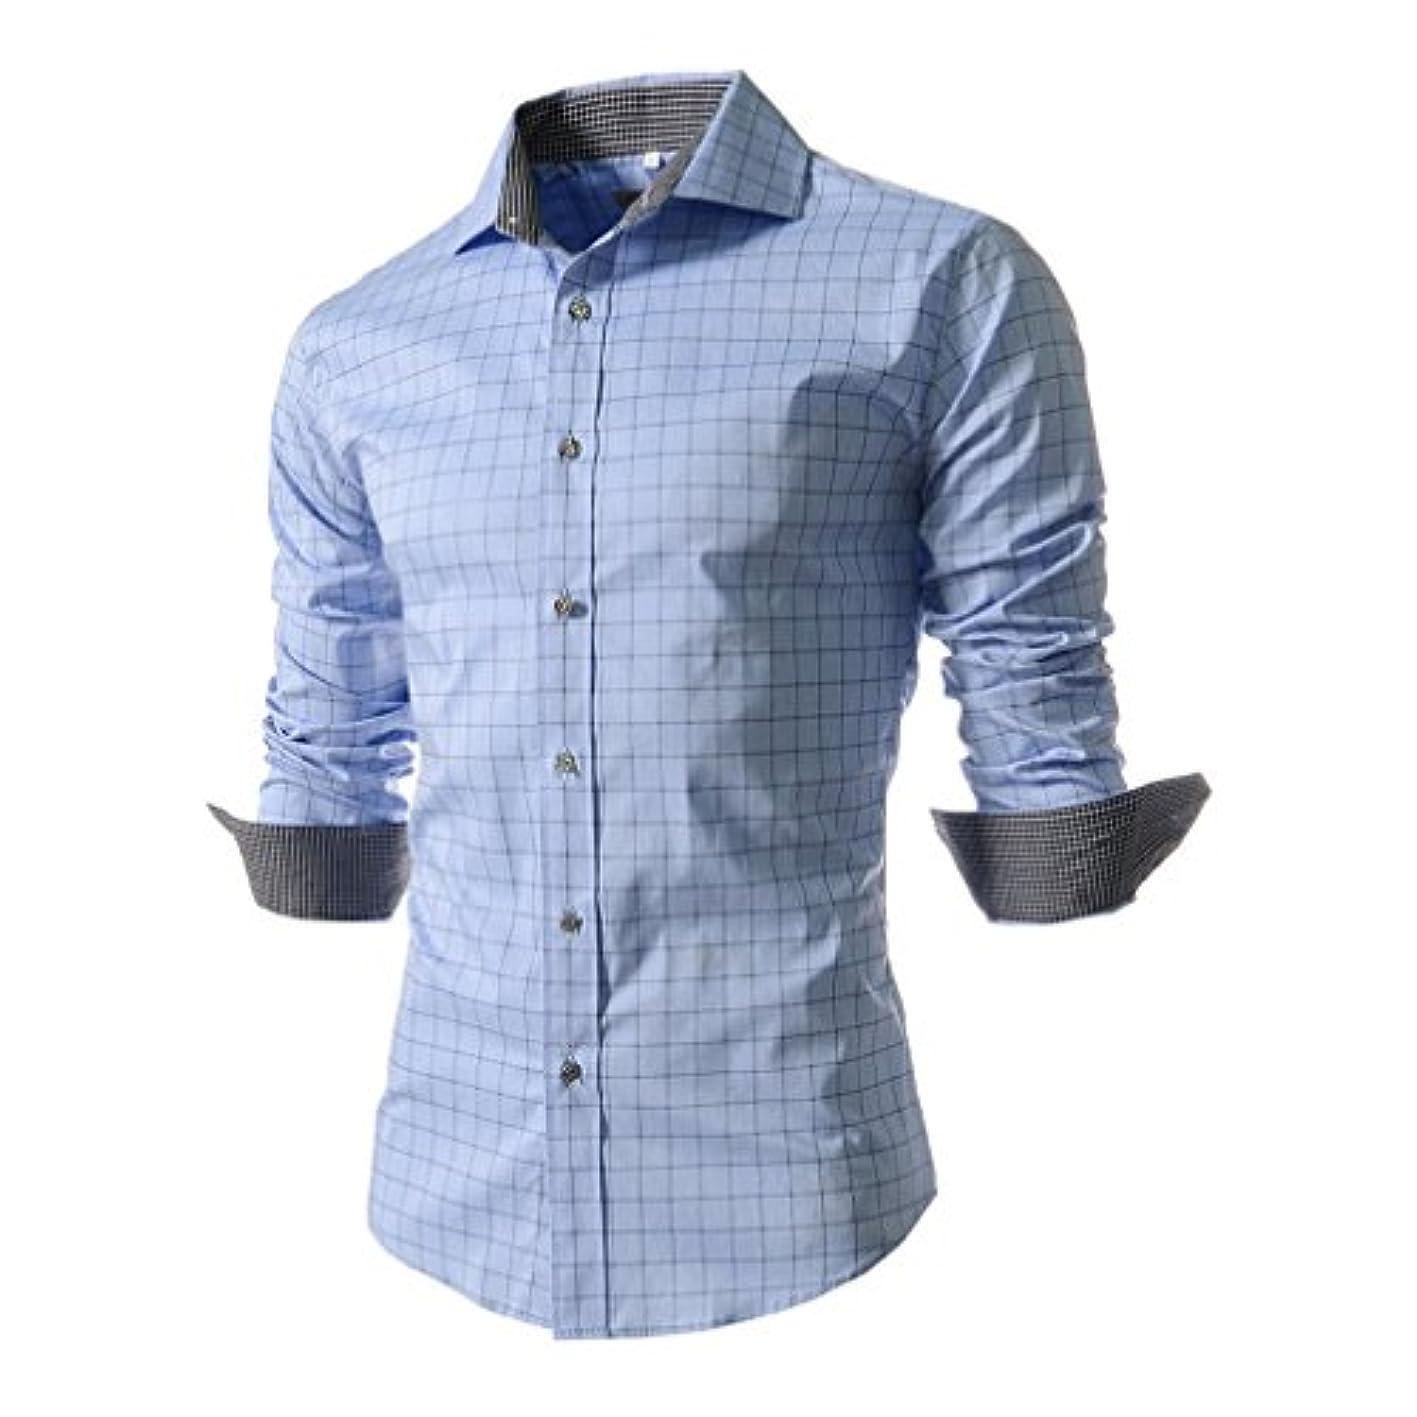 次へ寄生虫アイデアHonghu メンズ シャツ 長袖 プリント チェック柄 ライトブルー M 1PC